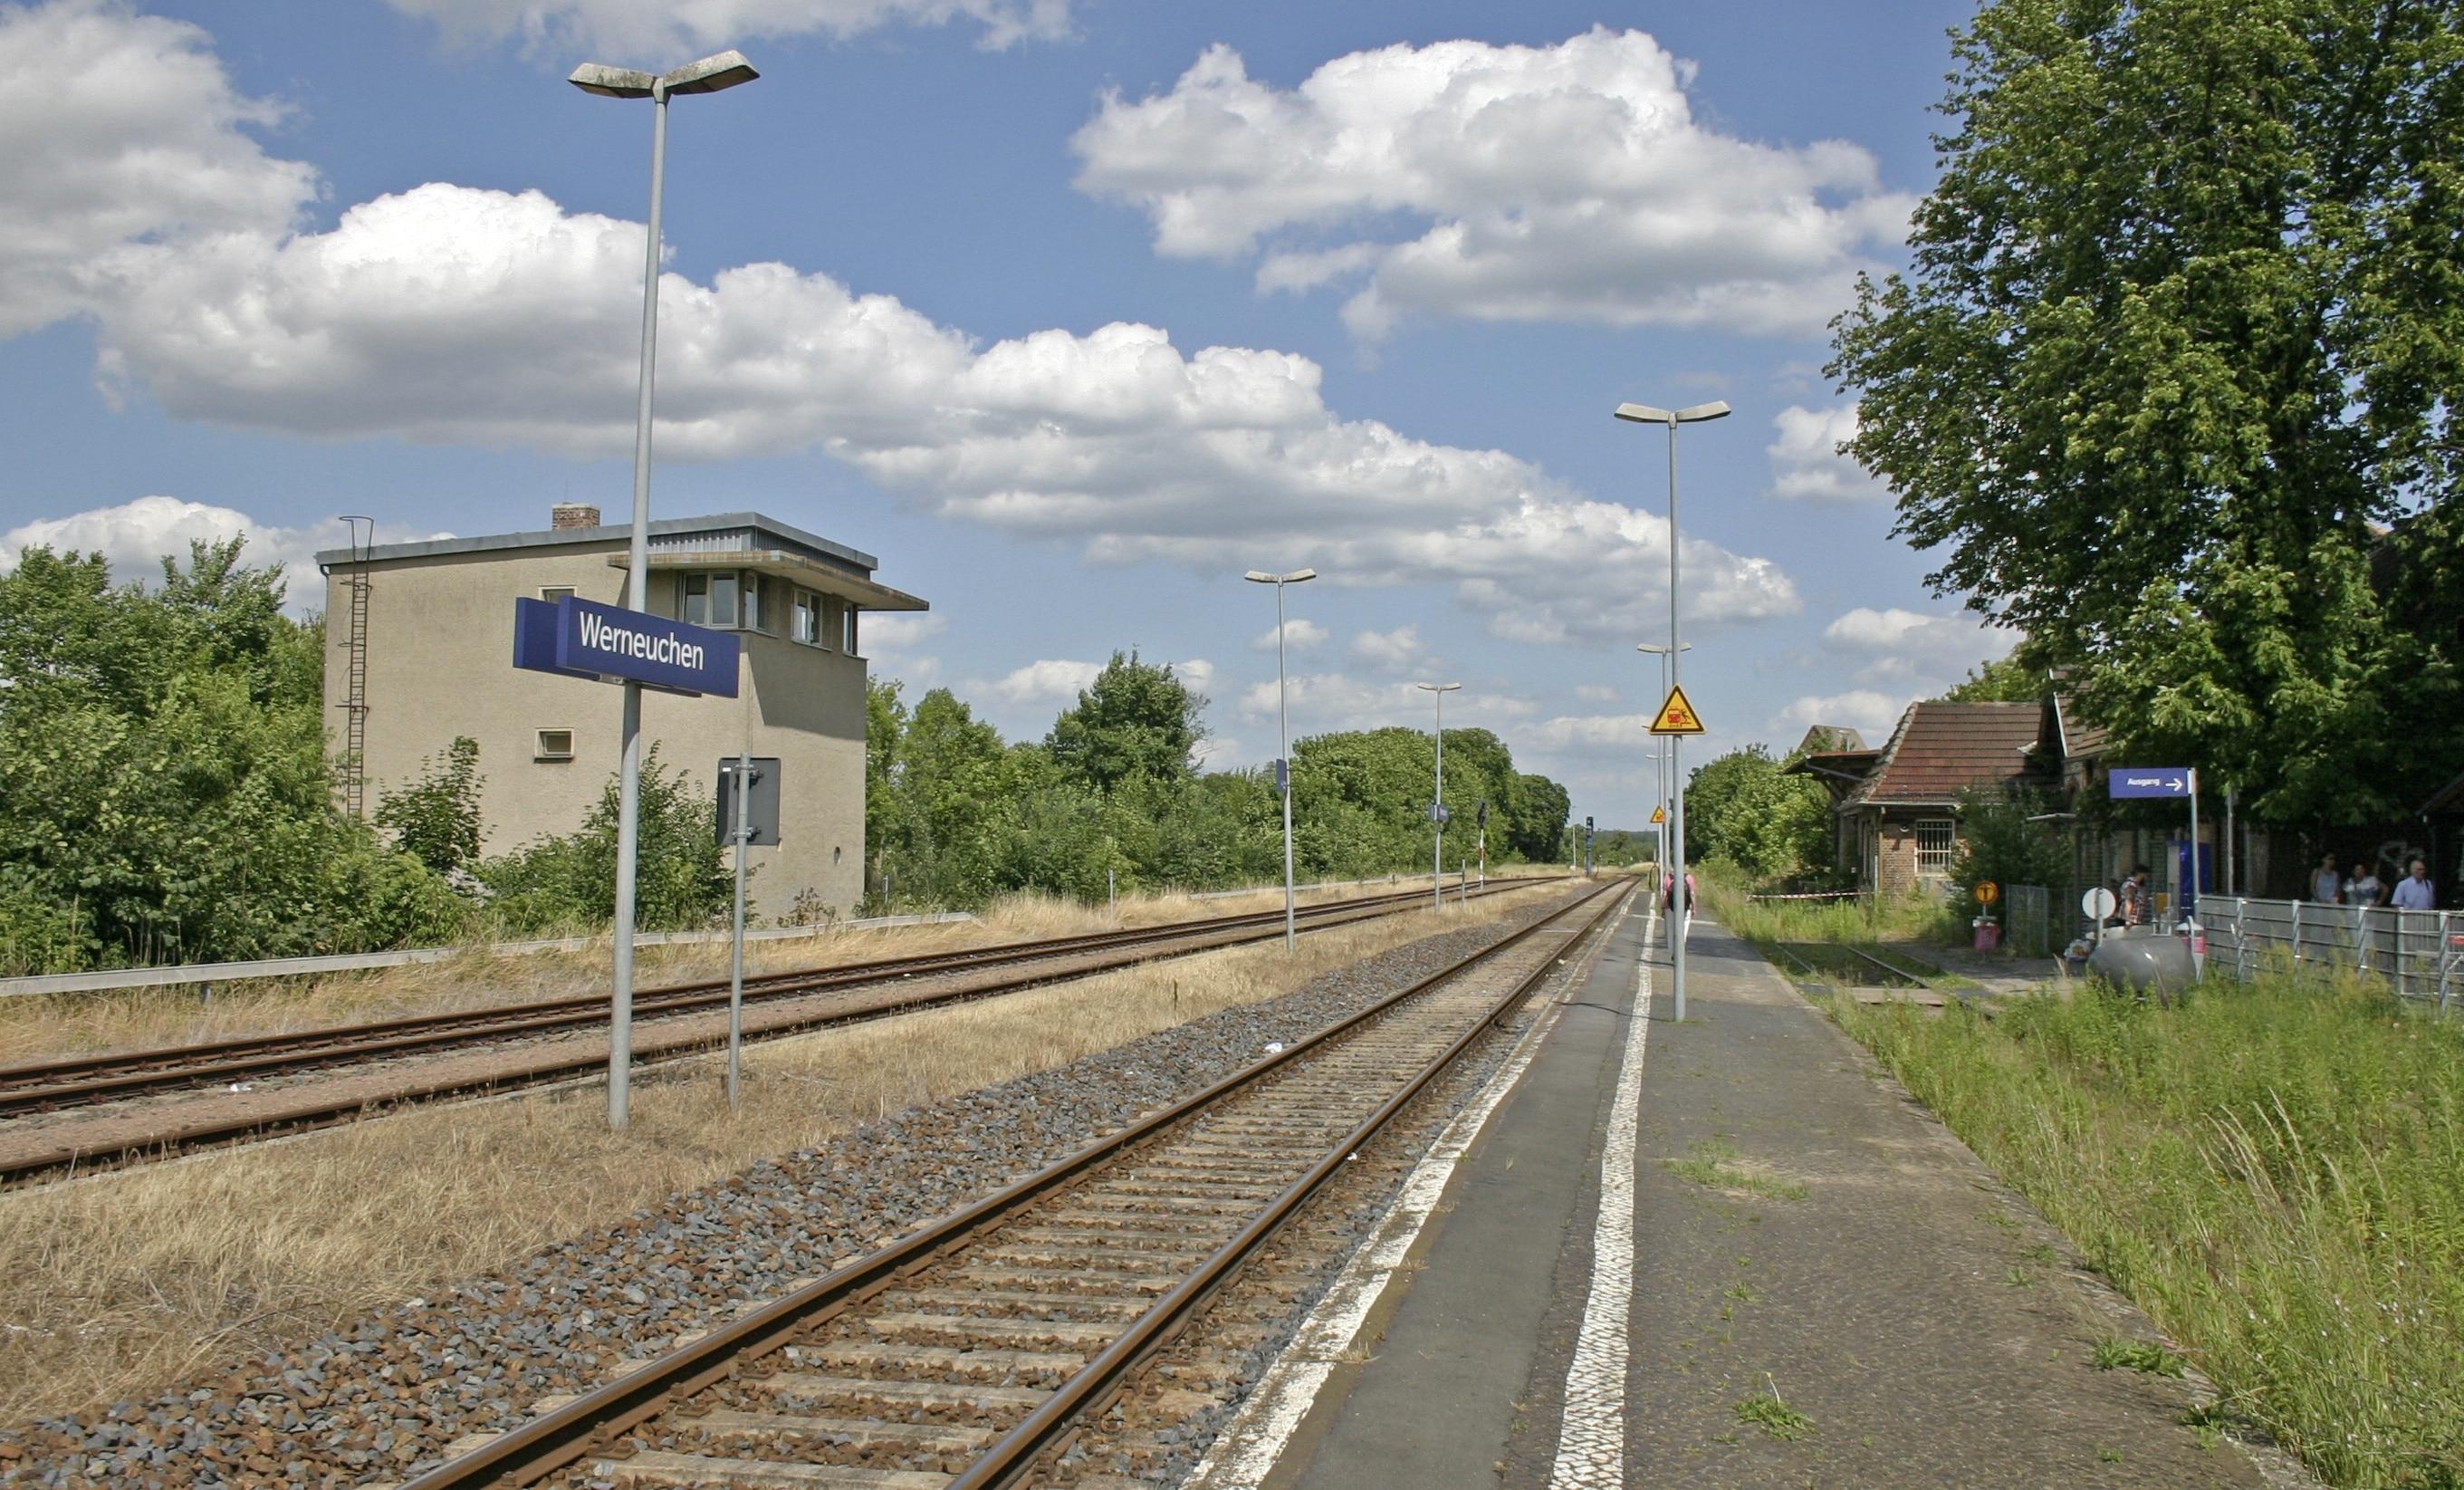 Werneuchen, Brandenburg Region, Germany